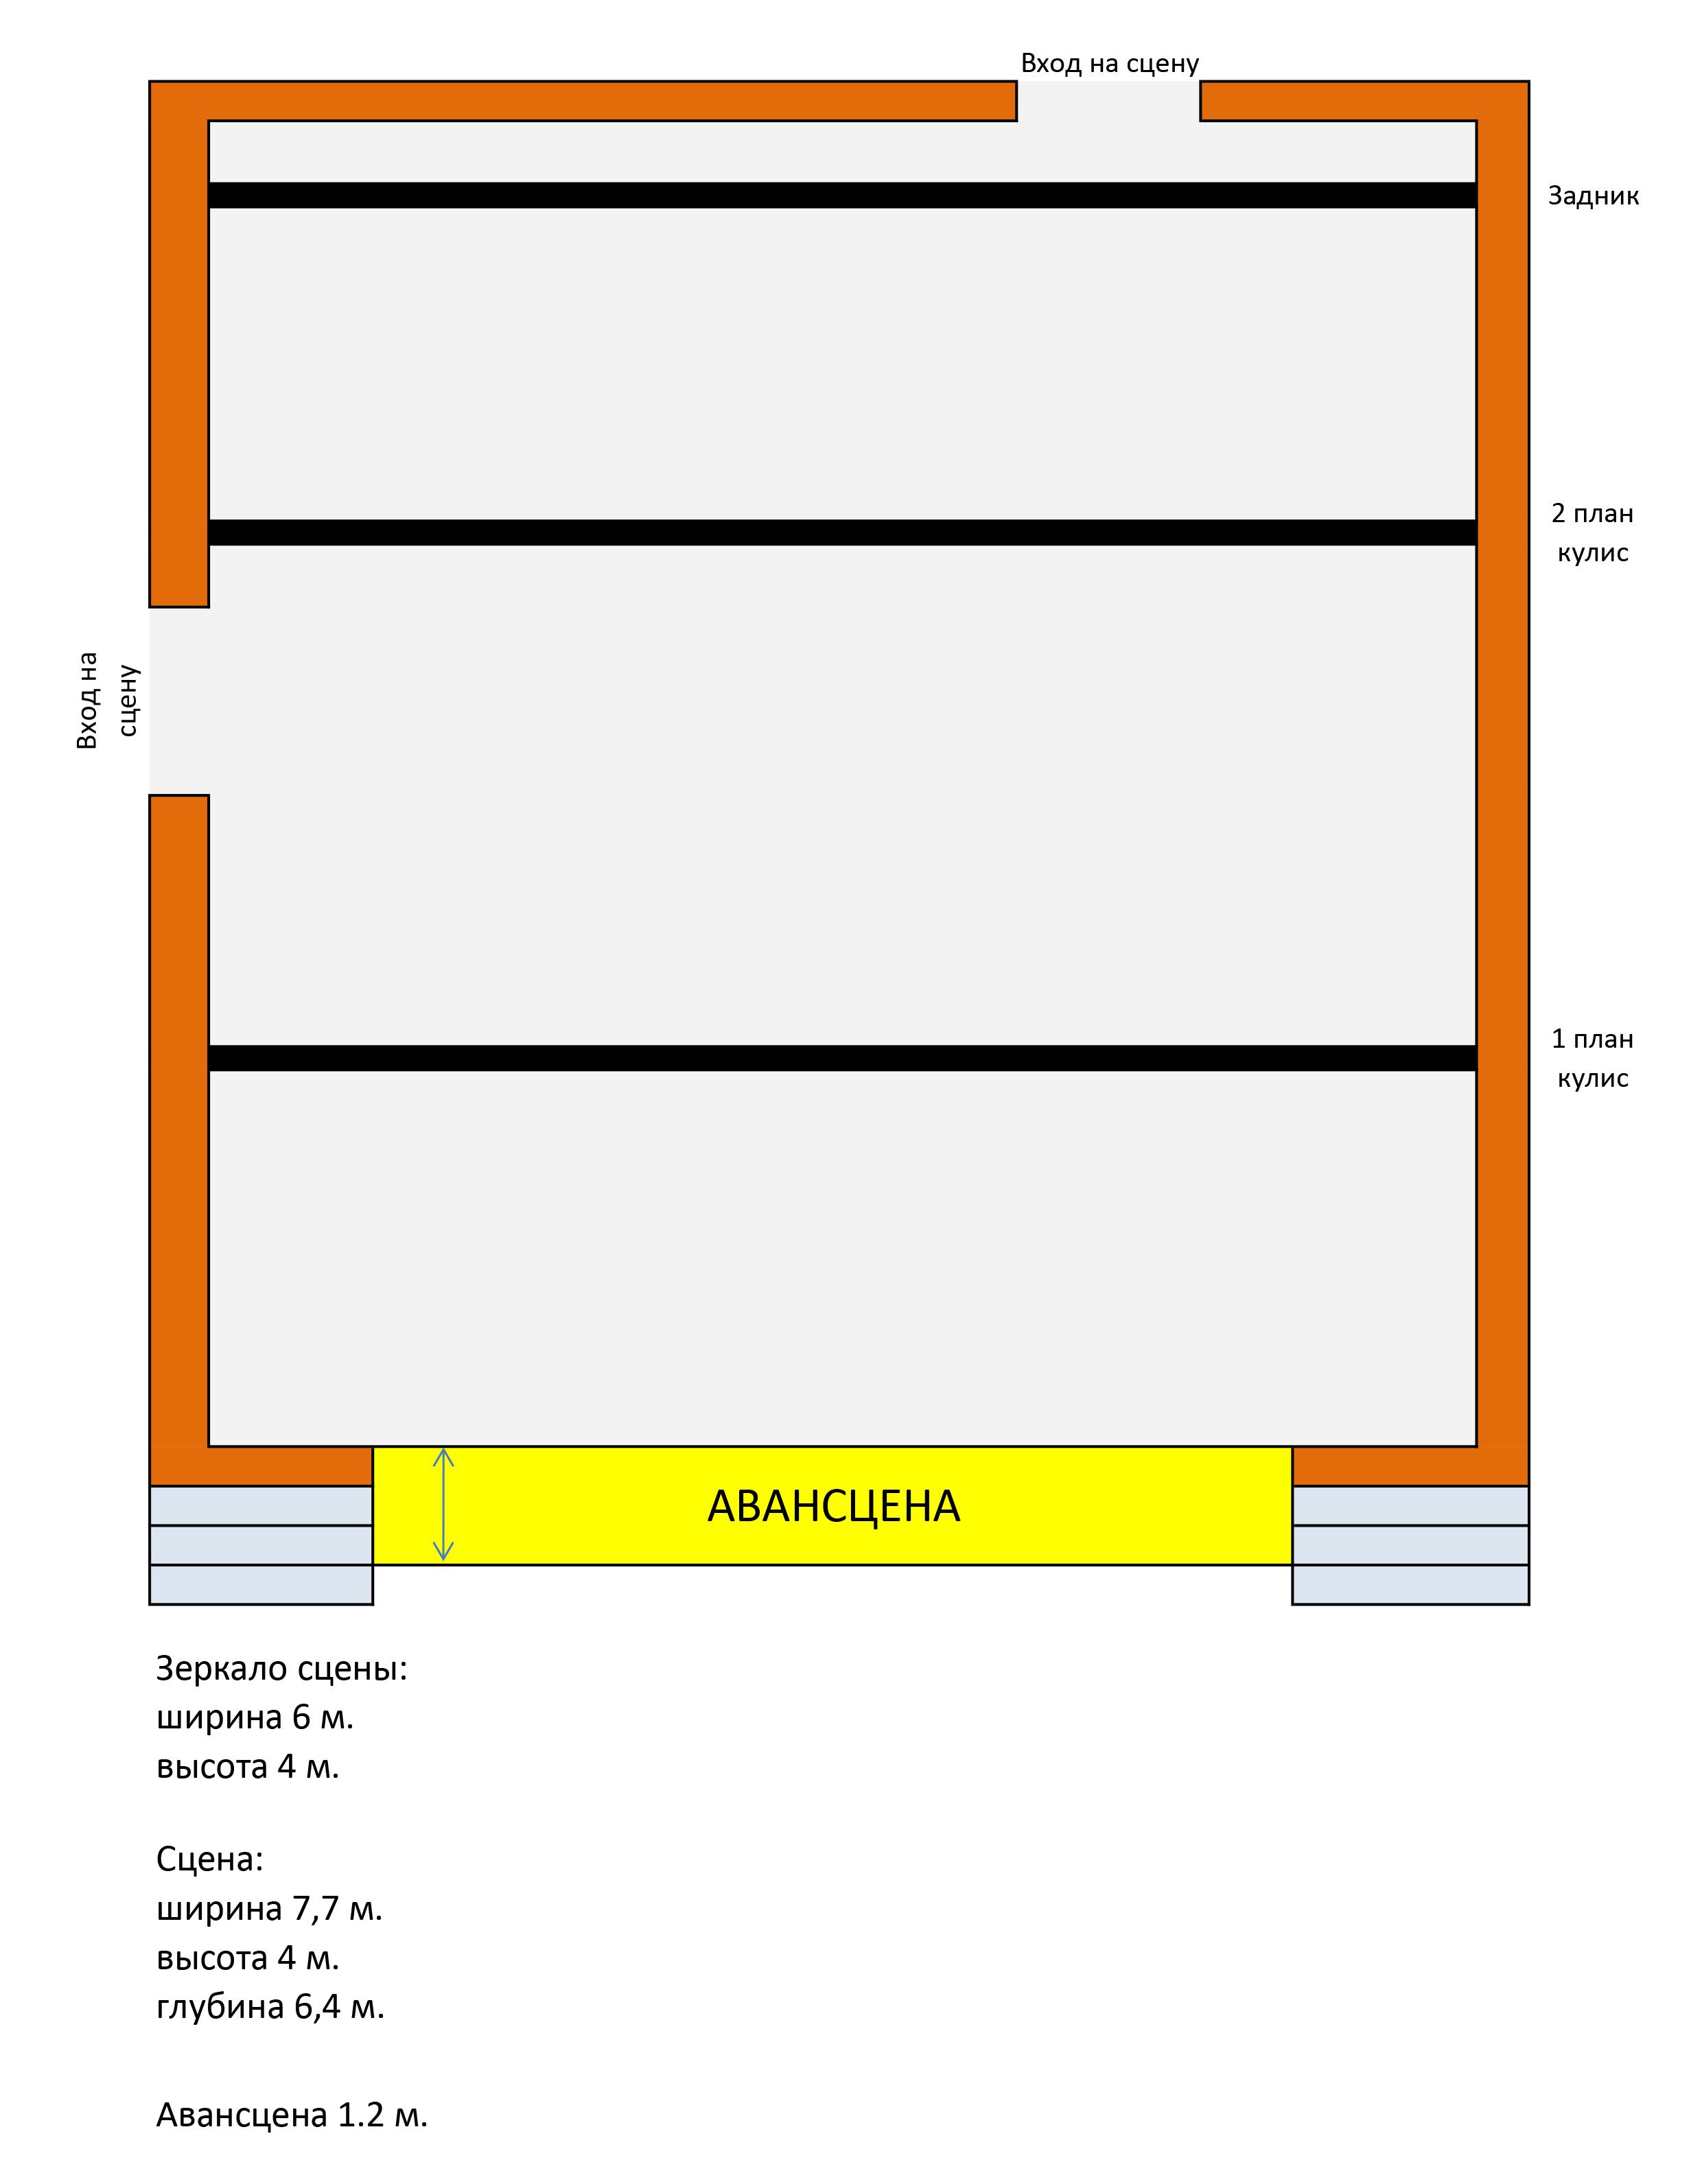 Схемы сцены и зала